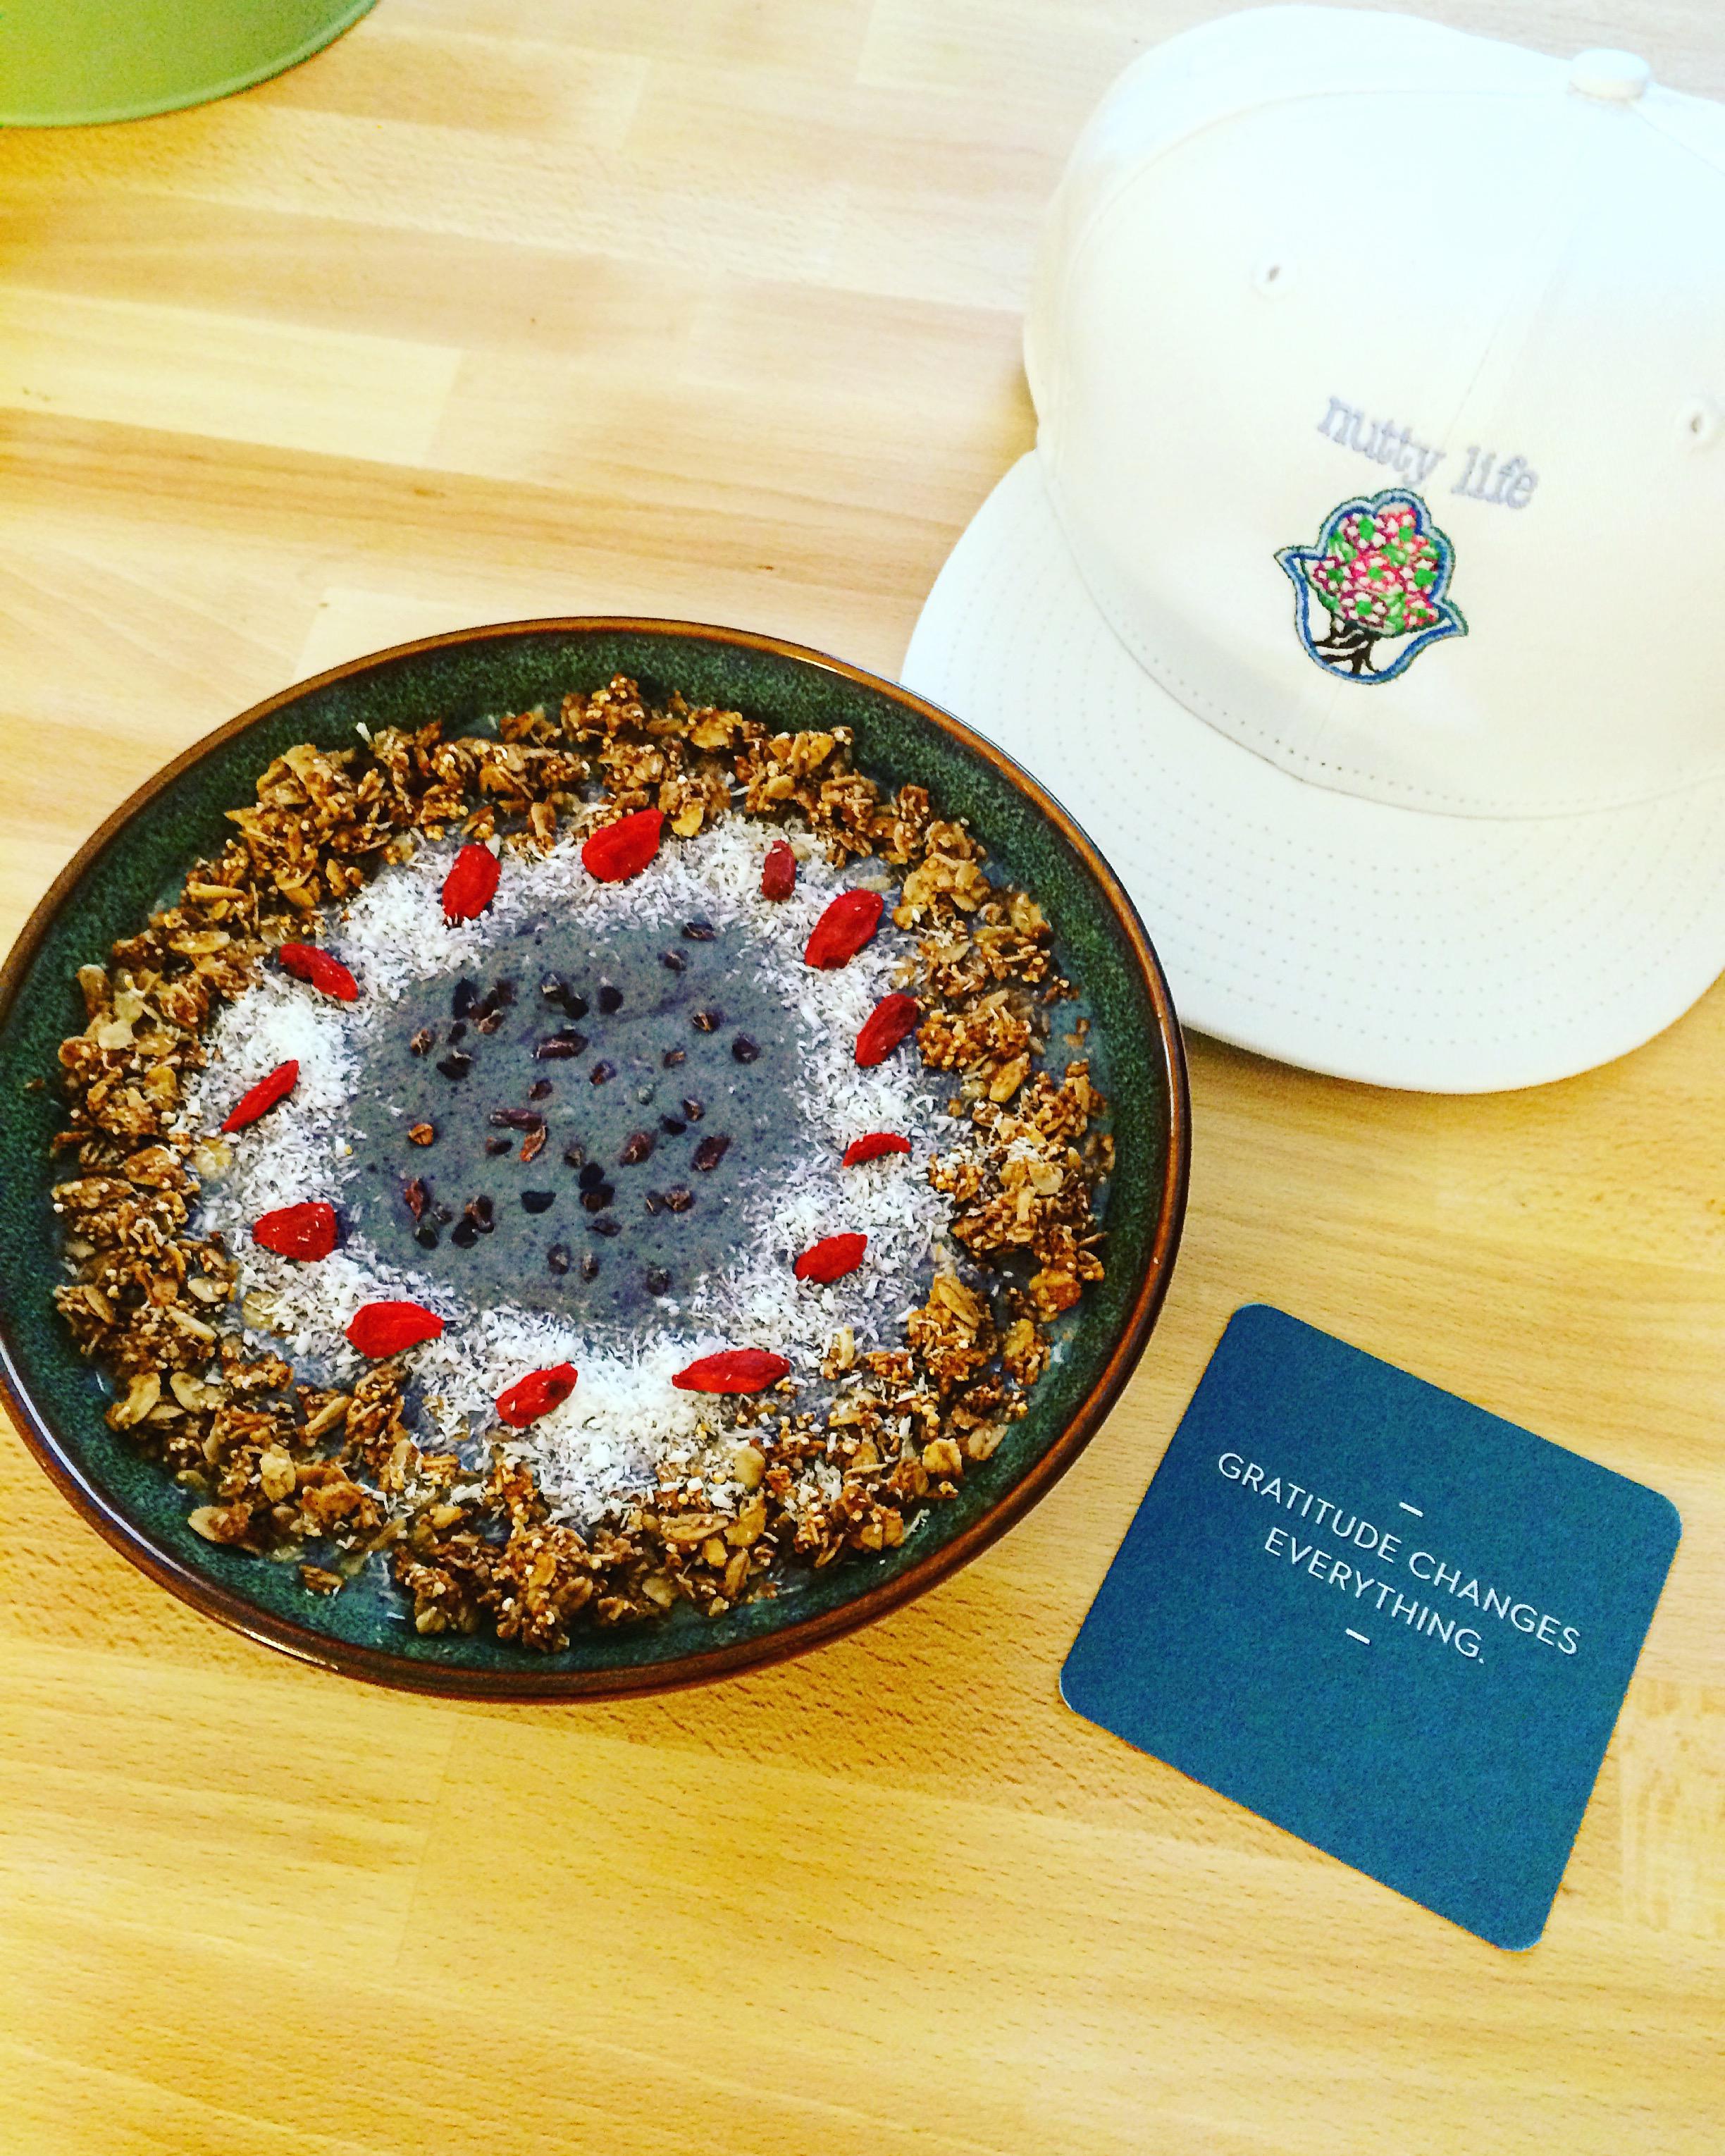 my delicious smoothie bowl....yum yum yum!